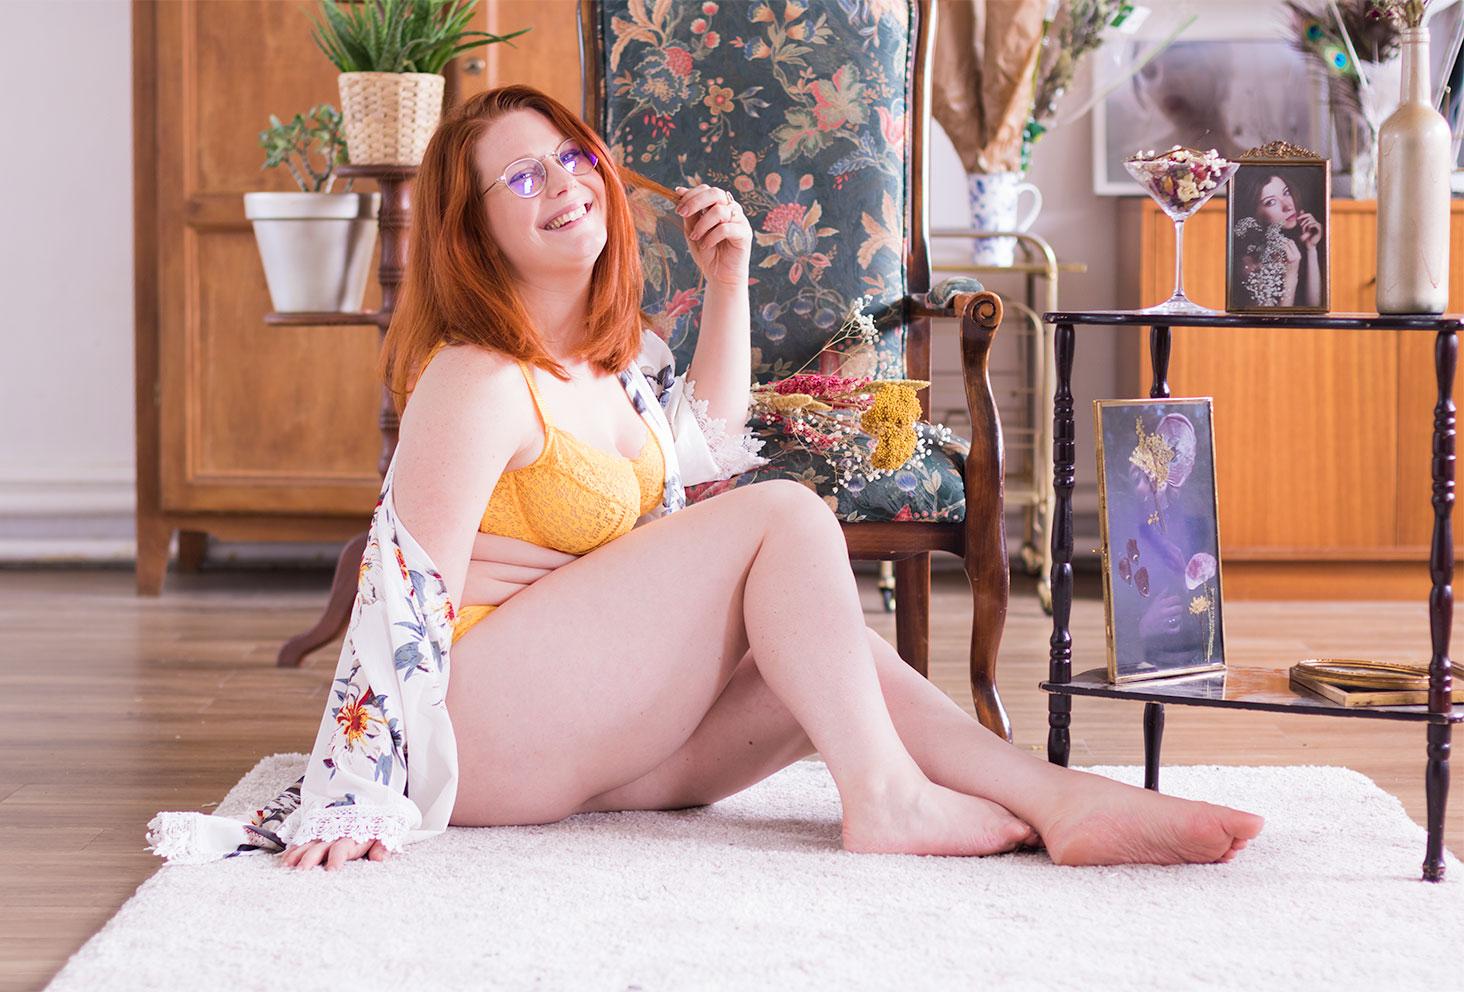 Assise de profil sur un tapis beige au milieu du salon, en sous-vêtements Pomm'Poire et Kimono à fleurs, une main dans les cheveux